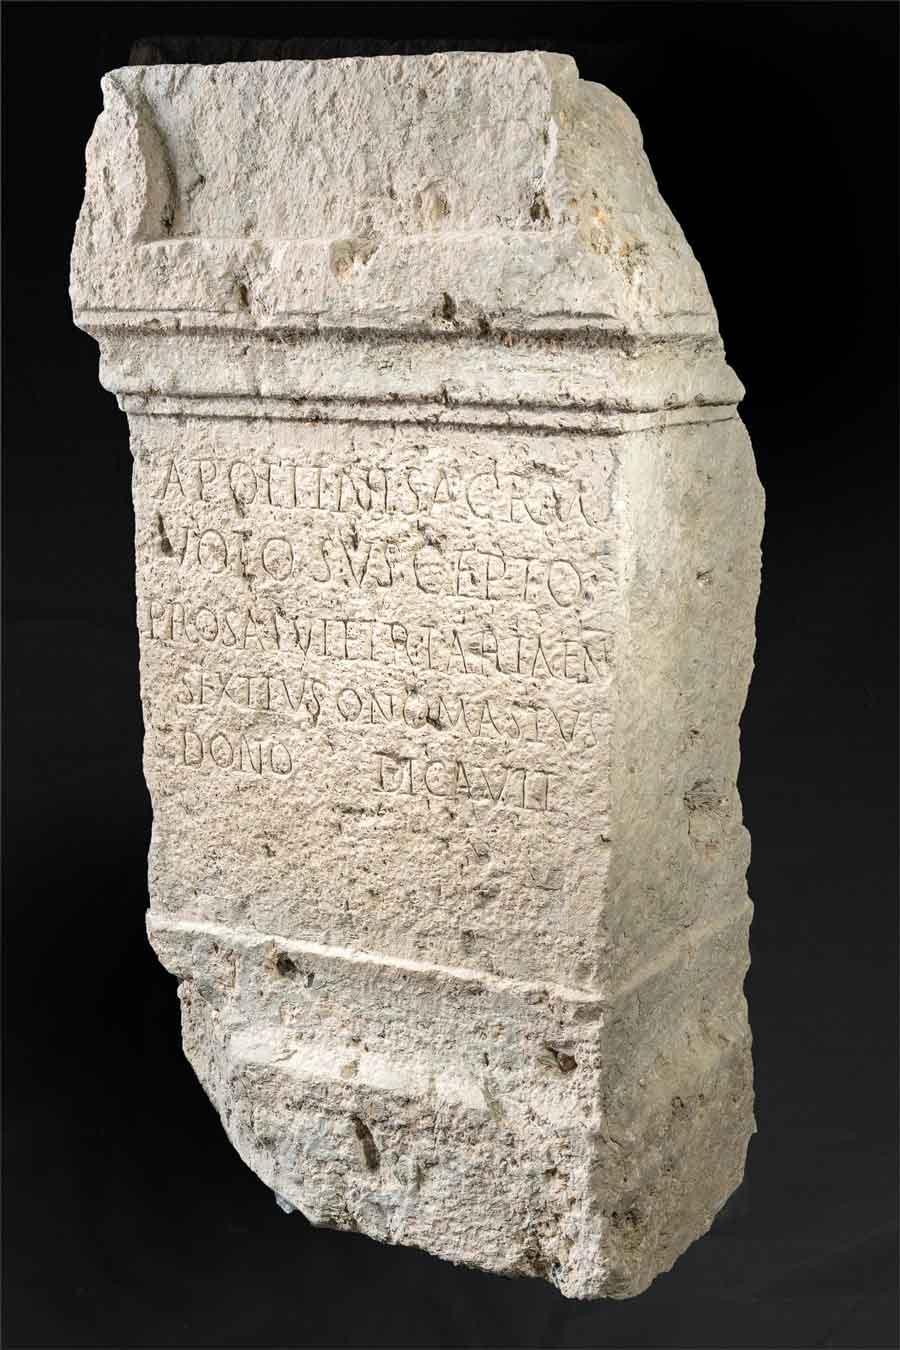 The Roman inscription found at the Apollo sanctuary at San Casciano dei Bagni. (Municipality of San Casciano dei Bagni)